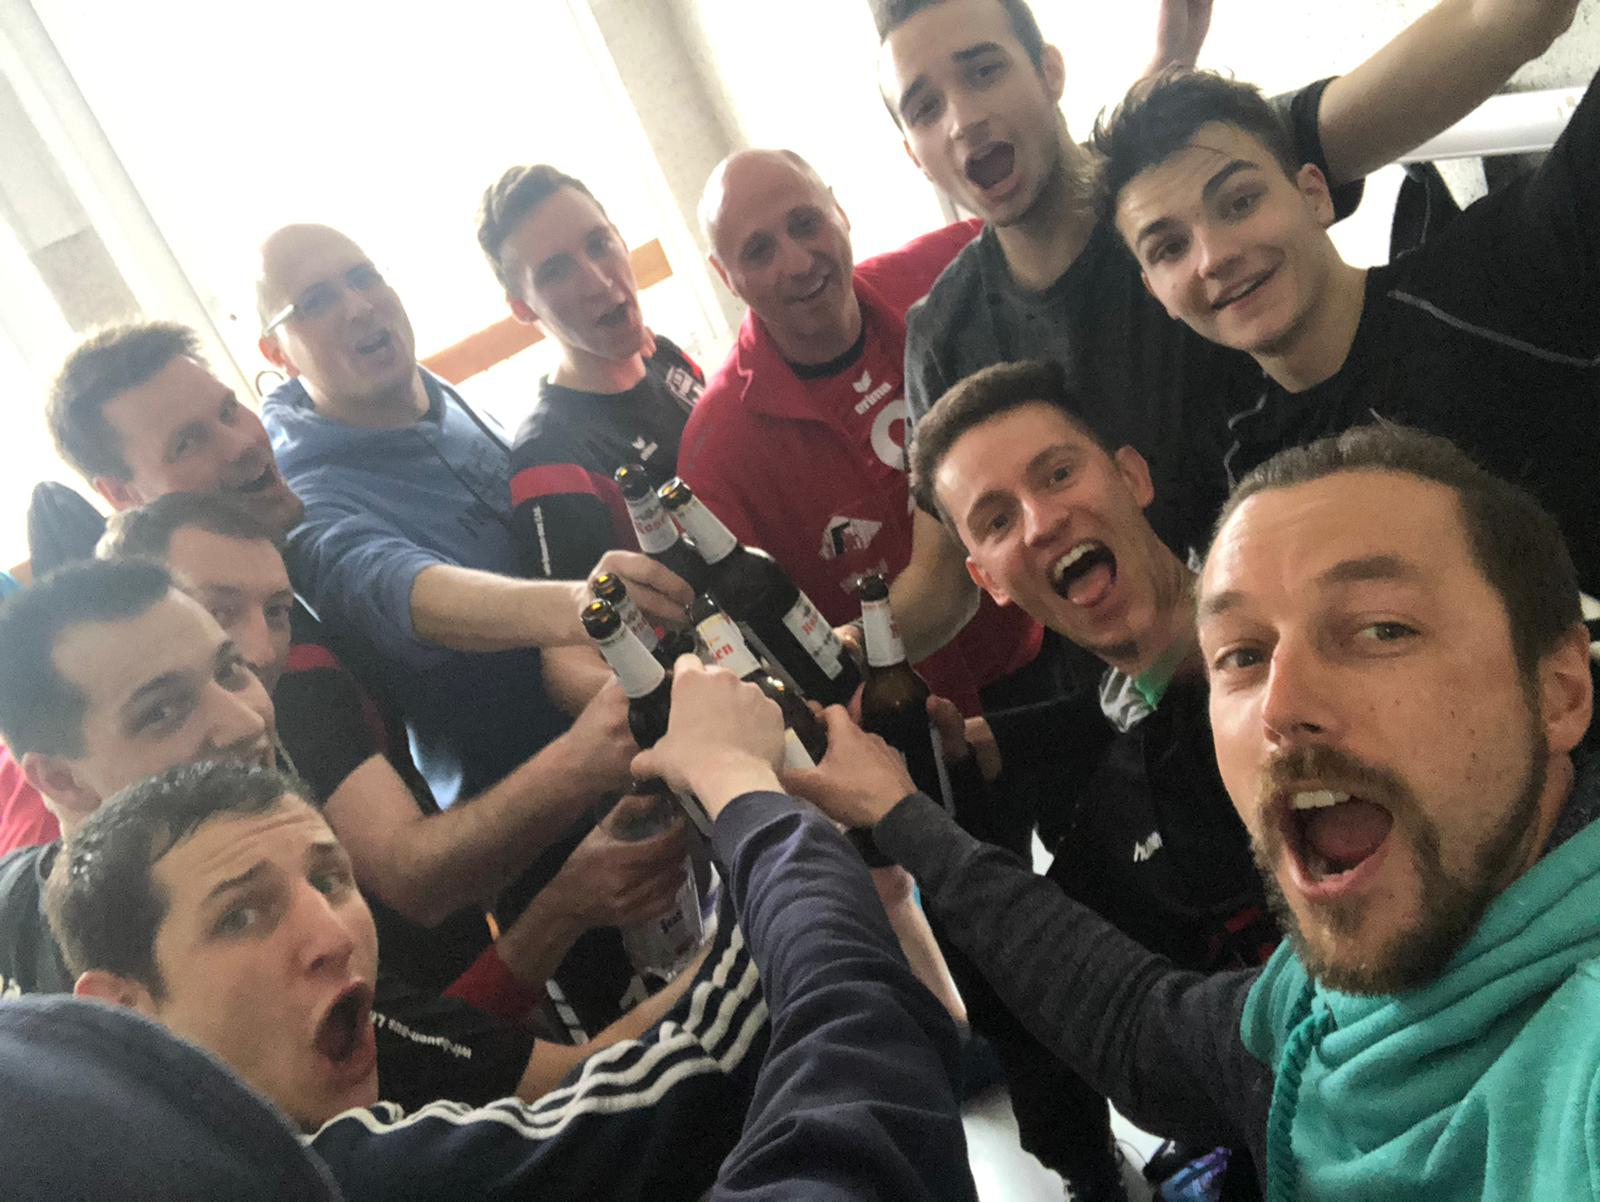 Bezirksliga Ost – Erneut deutlicher Derby-Sieg gegen Knau sowie gegen Blankenhain festigen die Pöẞnecker Tabellenführung